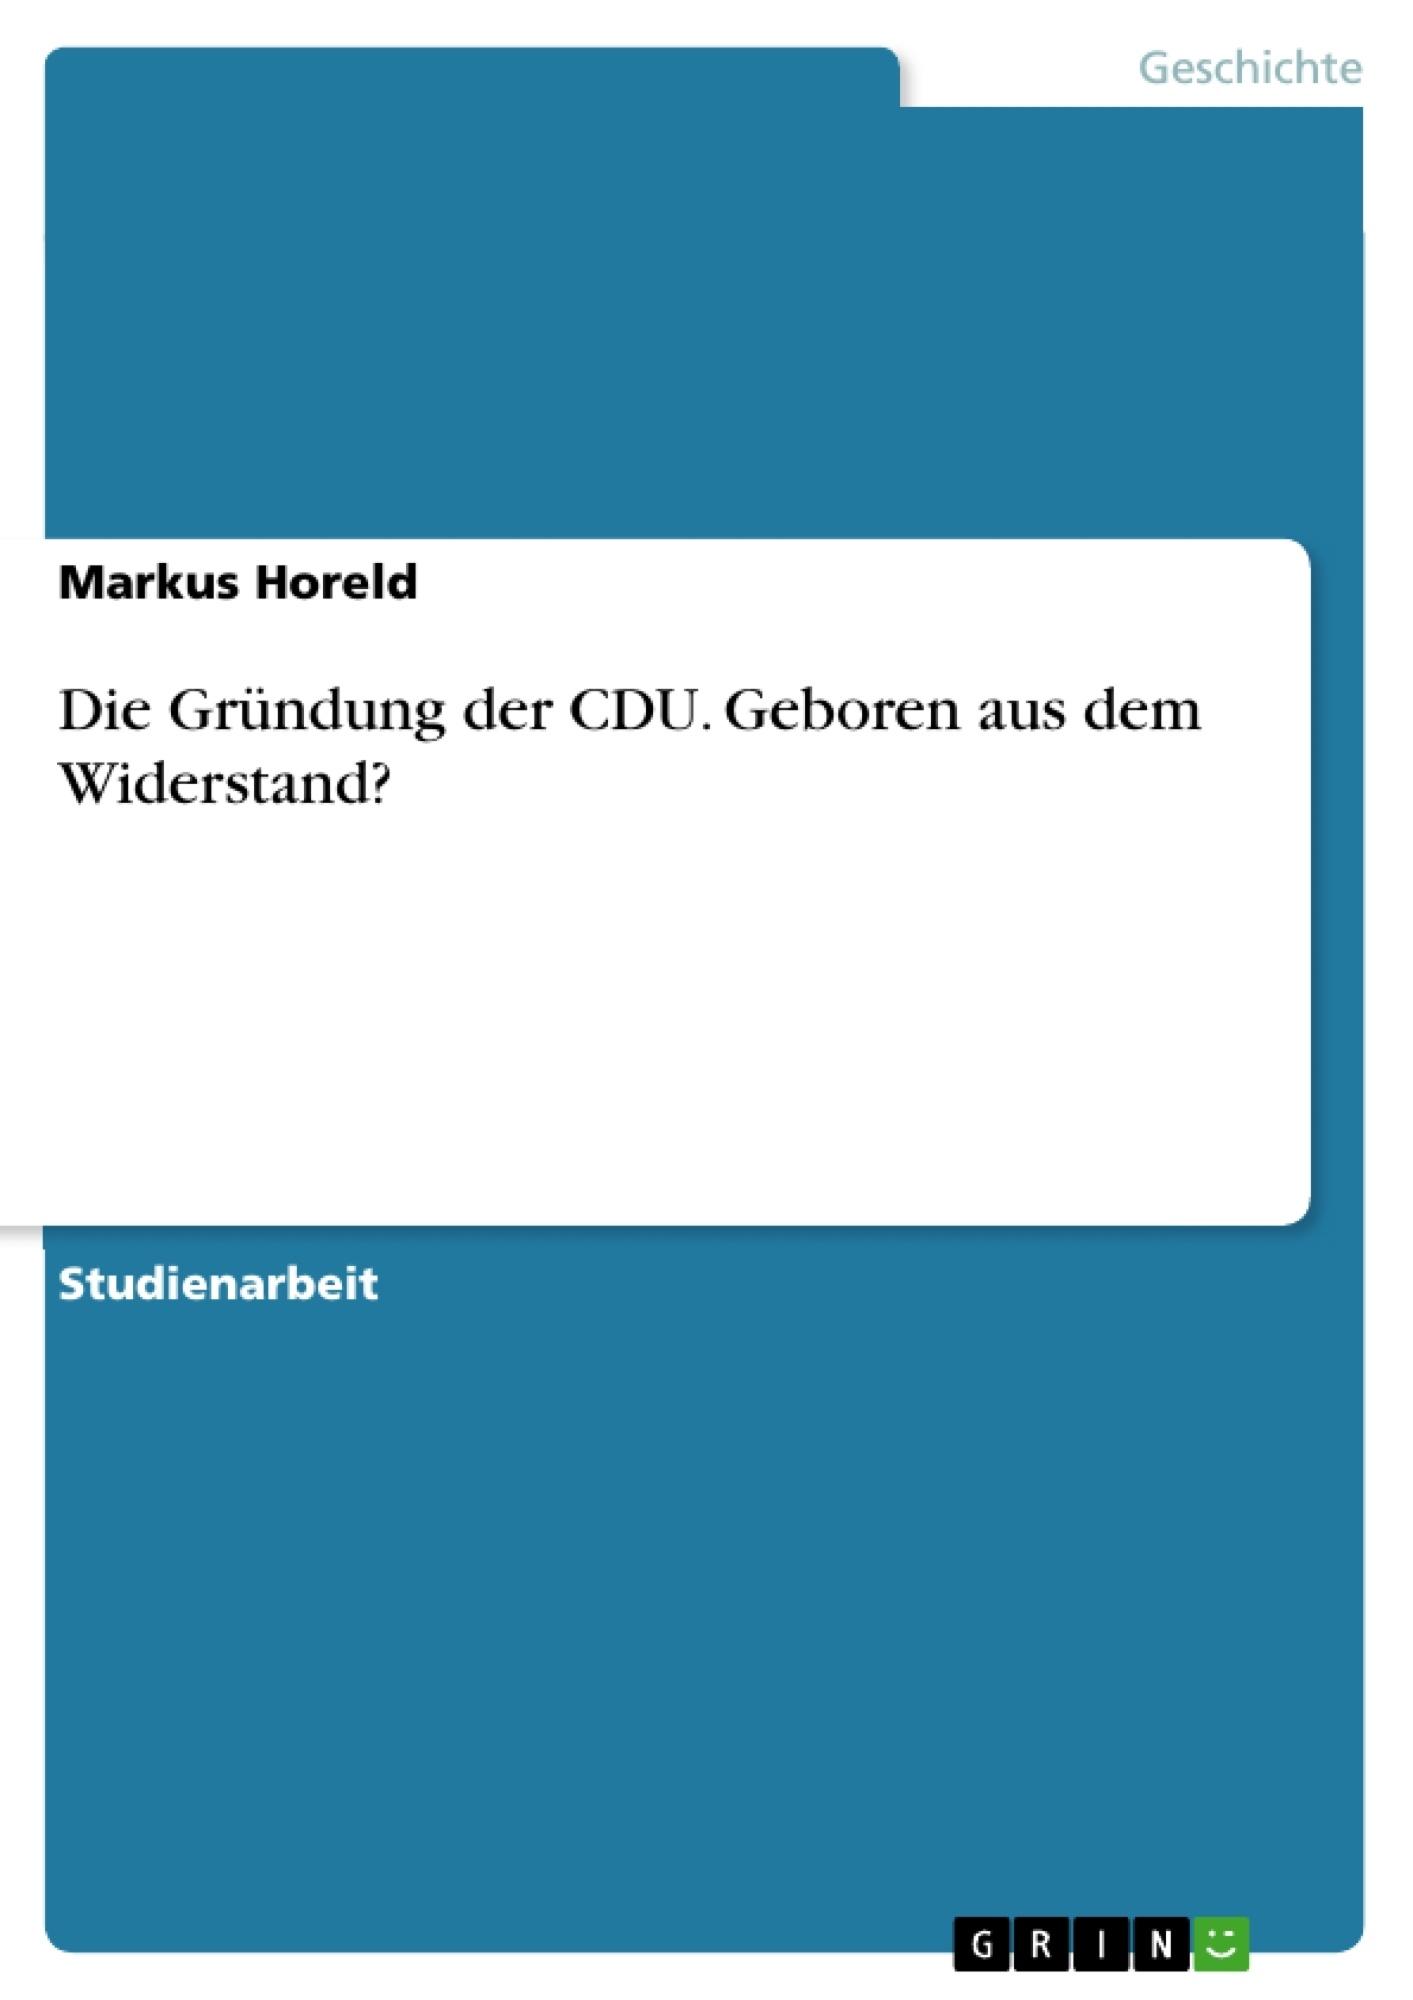 Titel: Die Gründung der CDU. Geboren aus dem Widerstand?